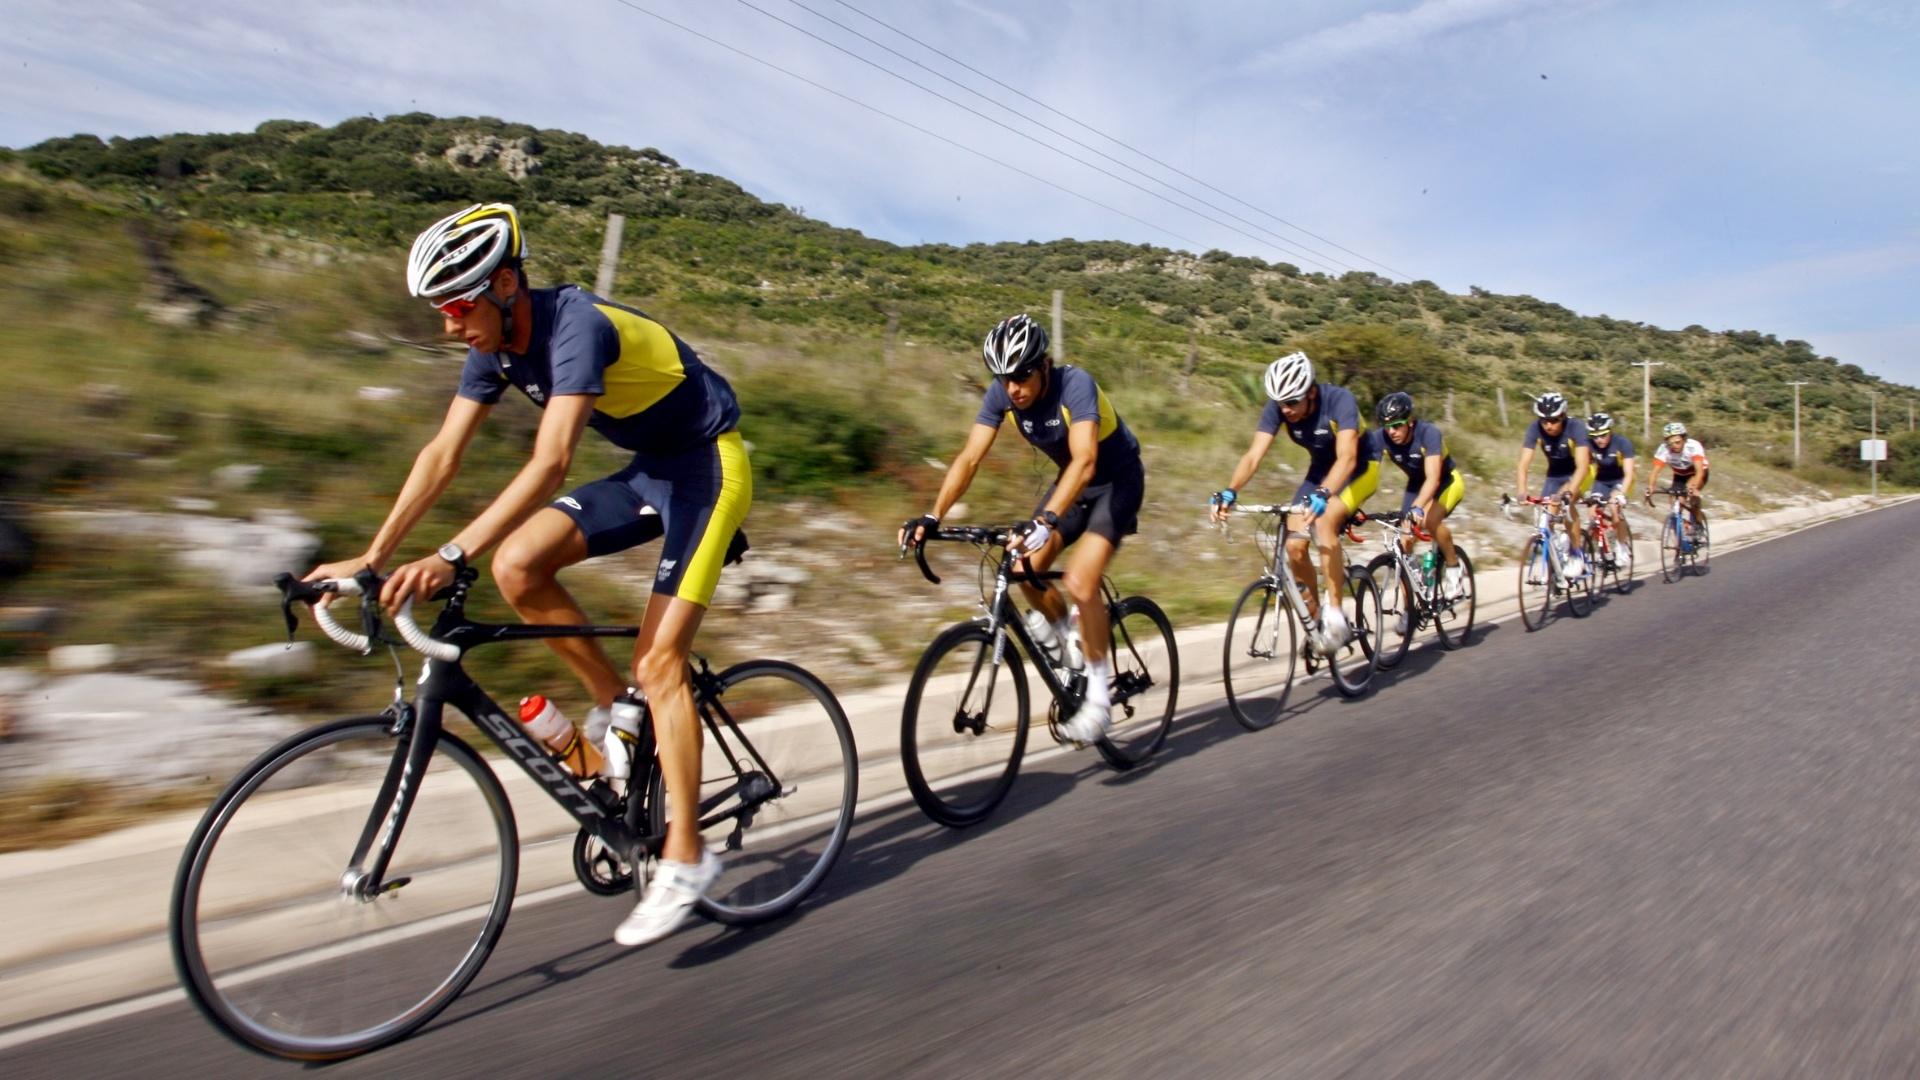 Equipe de triatlo do Brasil está treinando em San Luis Potosi, no México para se acostumar com a altitude para o Pan-2011